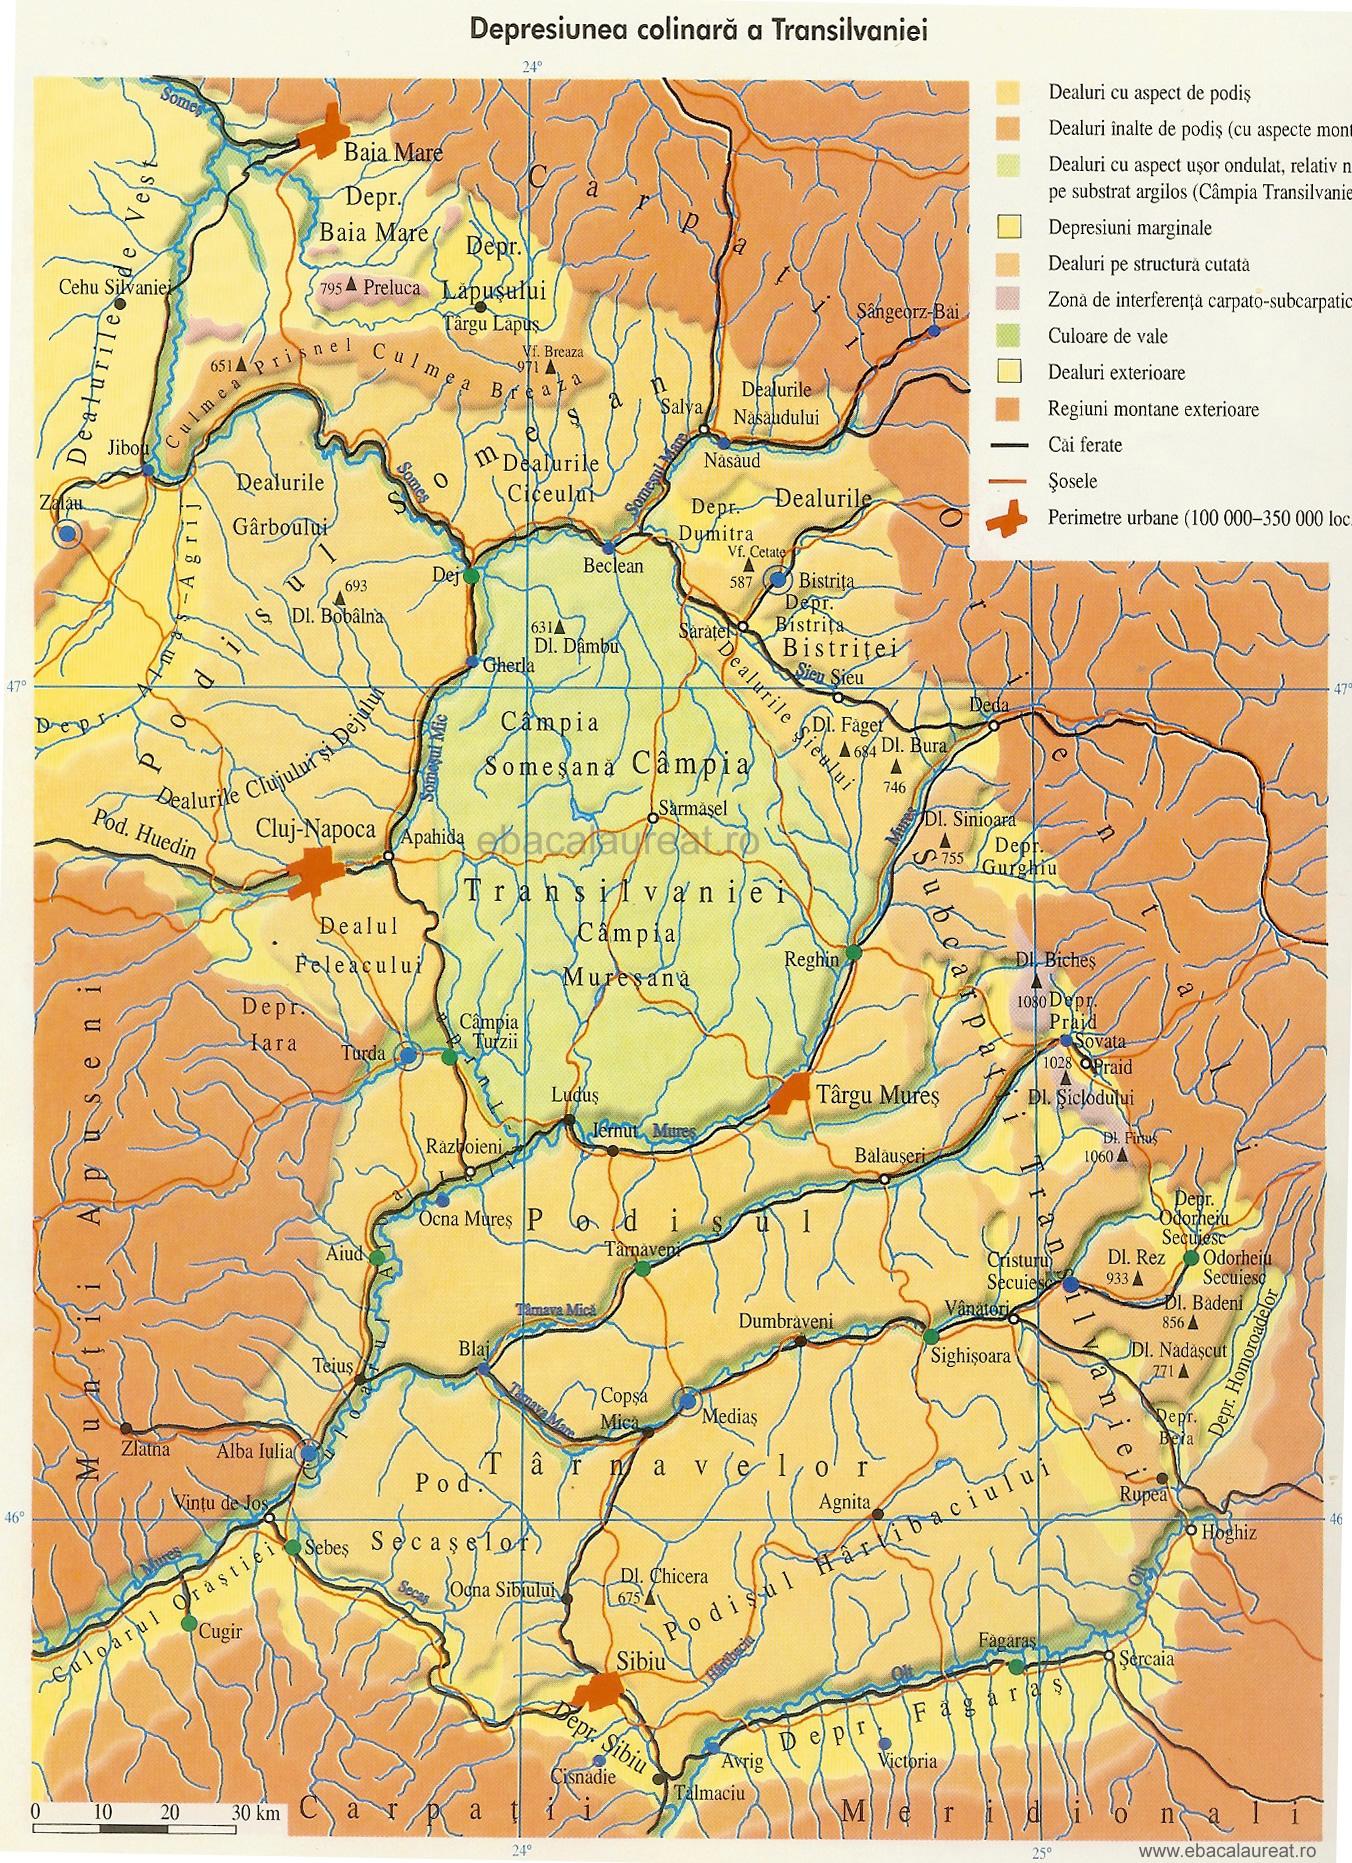 Harta Depresiunea Colinară a Transilvaniei